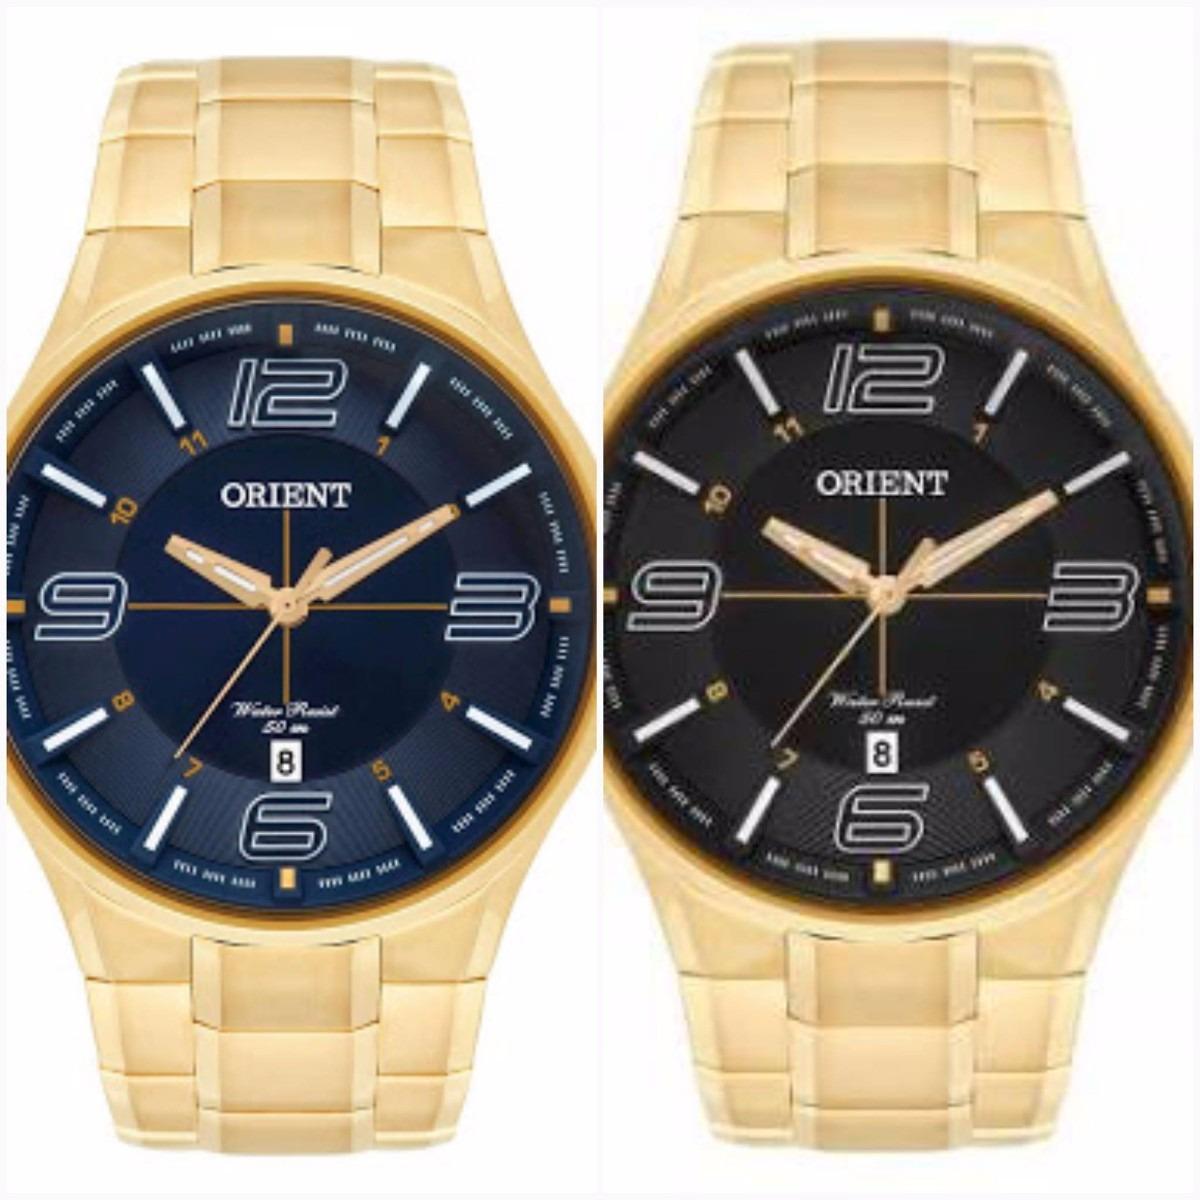 587a97e2b5e relógio orient dourado todo em aço 50 metros mgss1136. Carregando zoom.